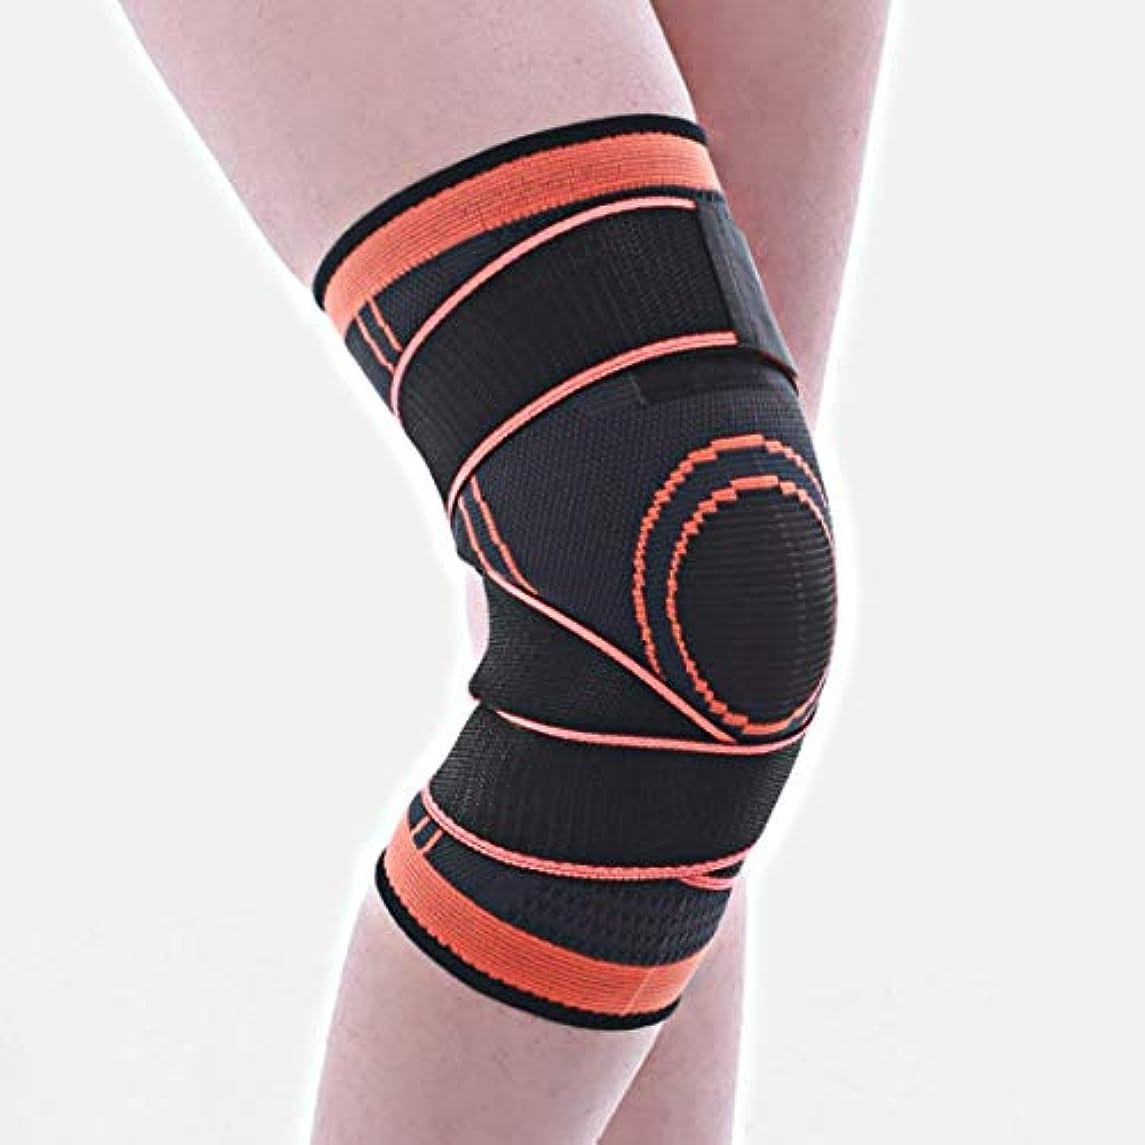 シェトランド諸島不承認ライトニングCAFUTY ニットの動き膝の圧力のサイクリングバスケットボールのフィットネスの 巻き上げ装置のメンテナンス1個 (Color : オレンジ, サイズ : M)